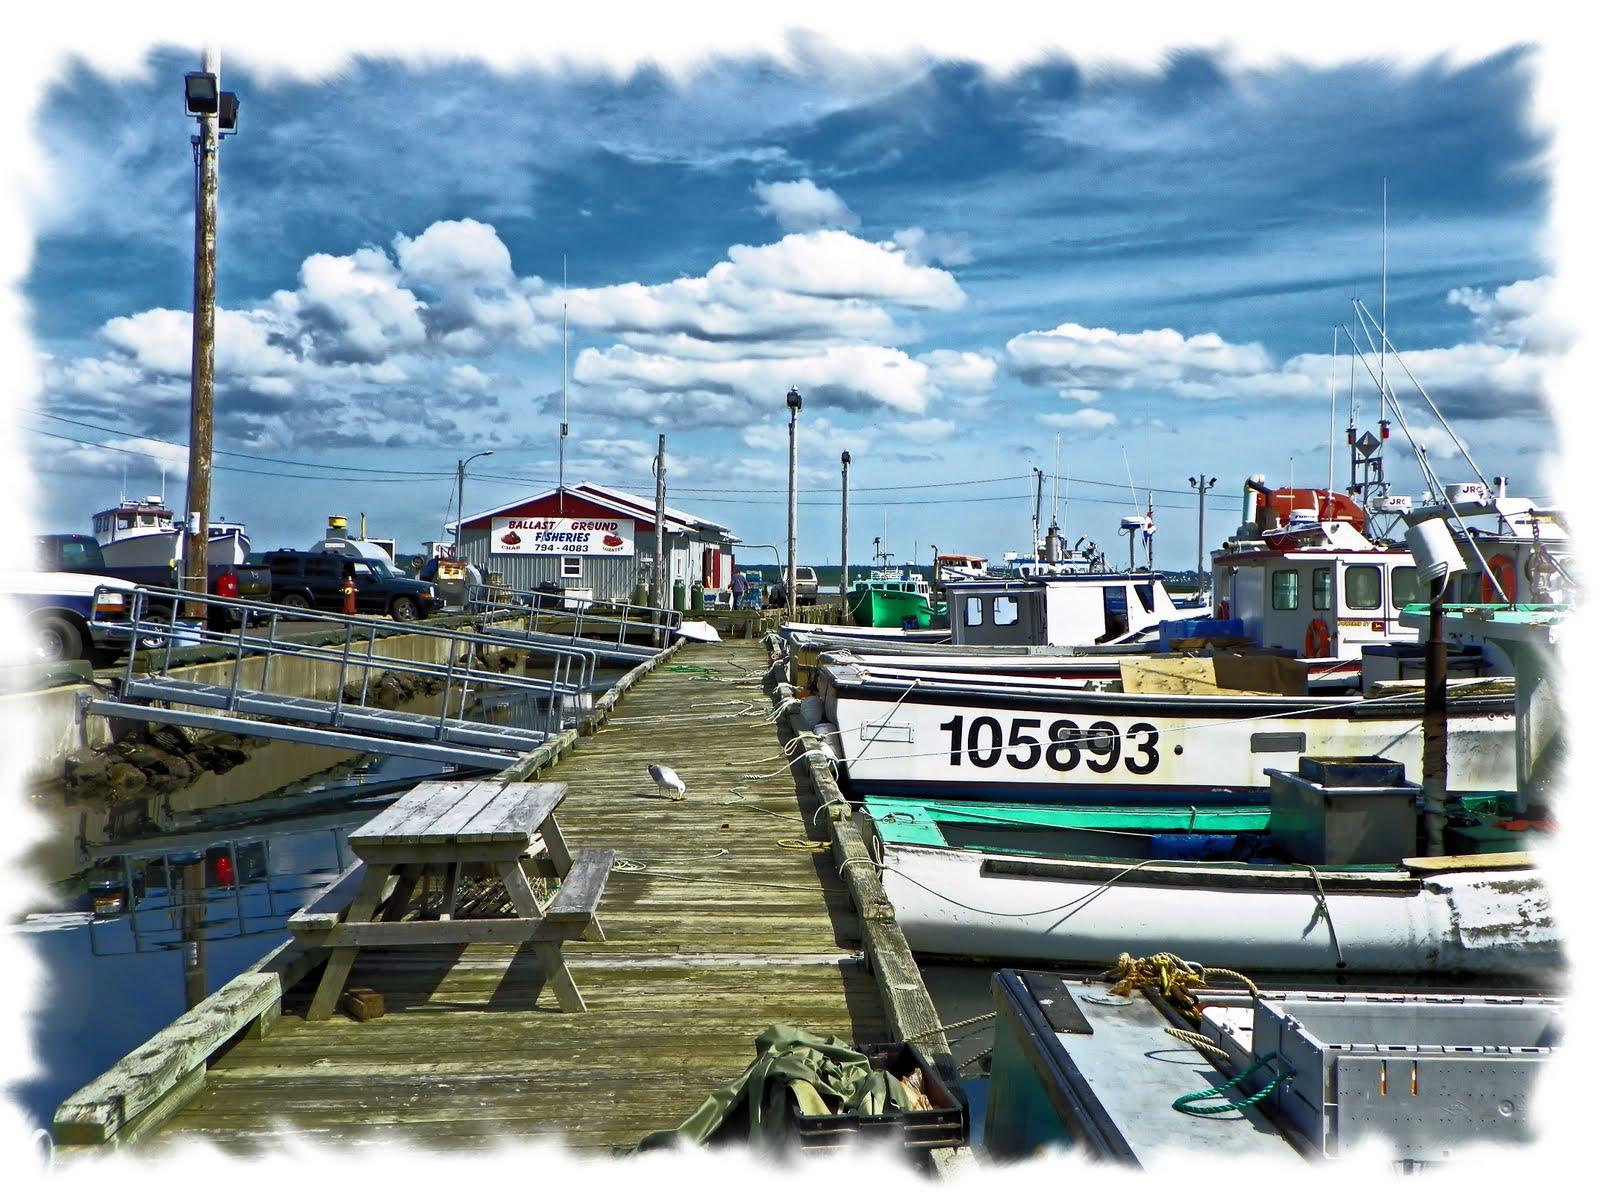 Sydney Nova Scotia cruise port guide